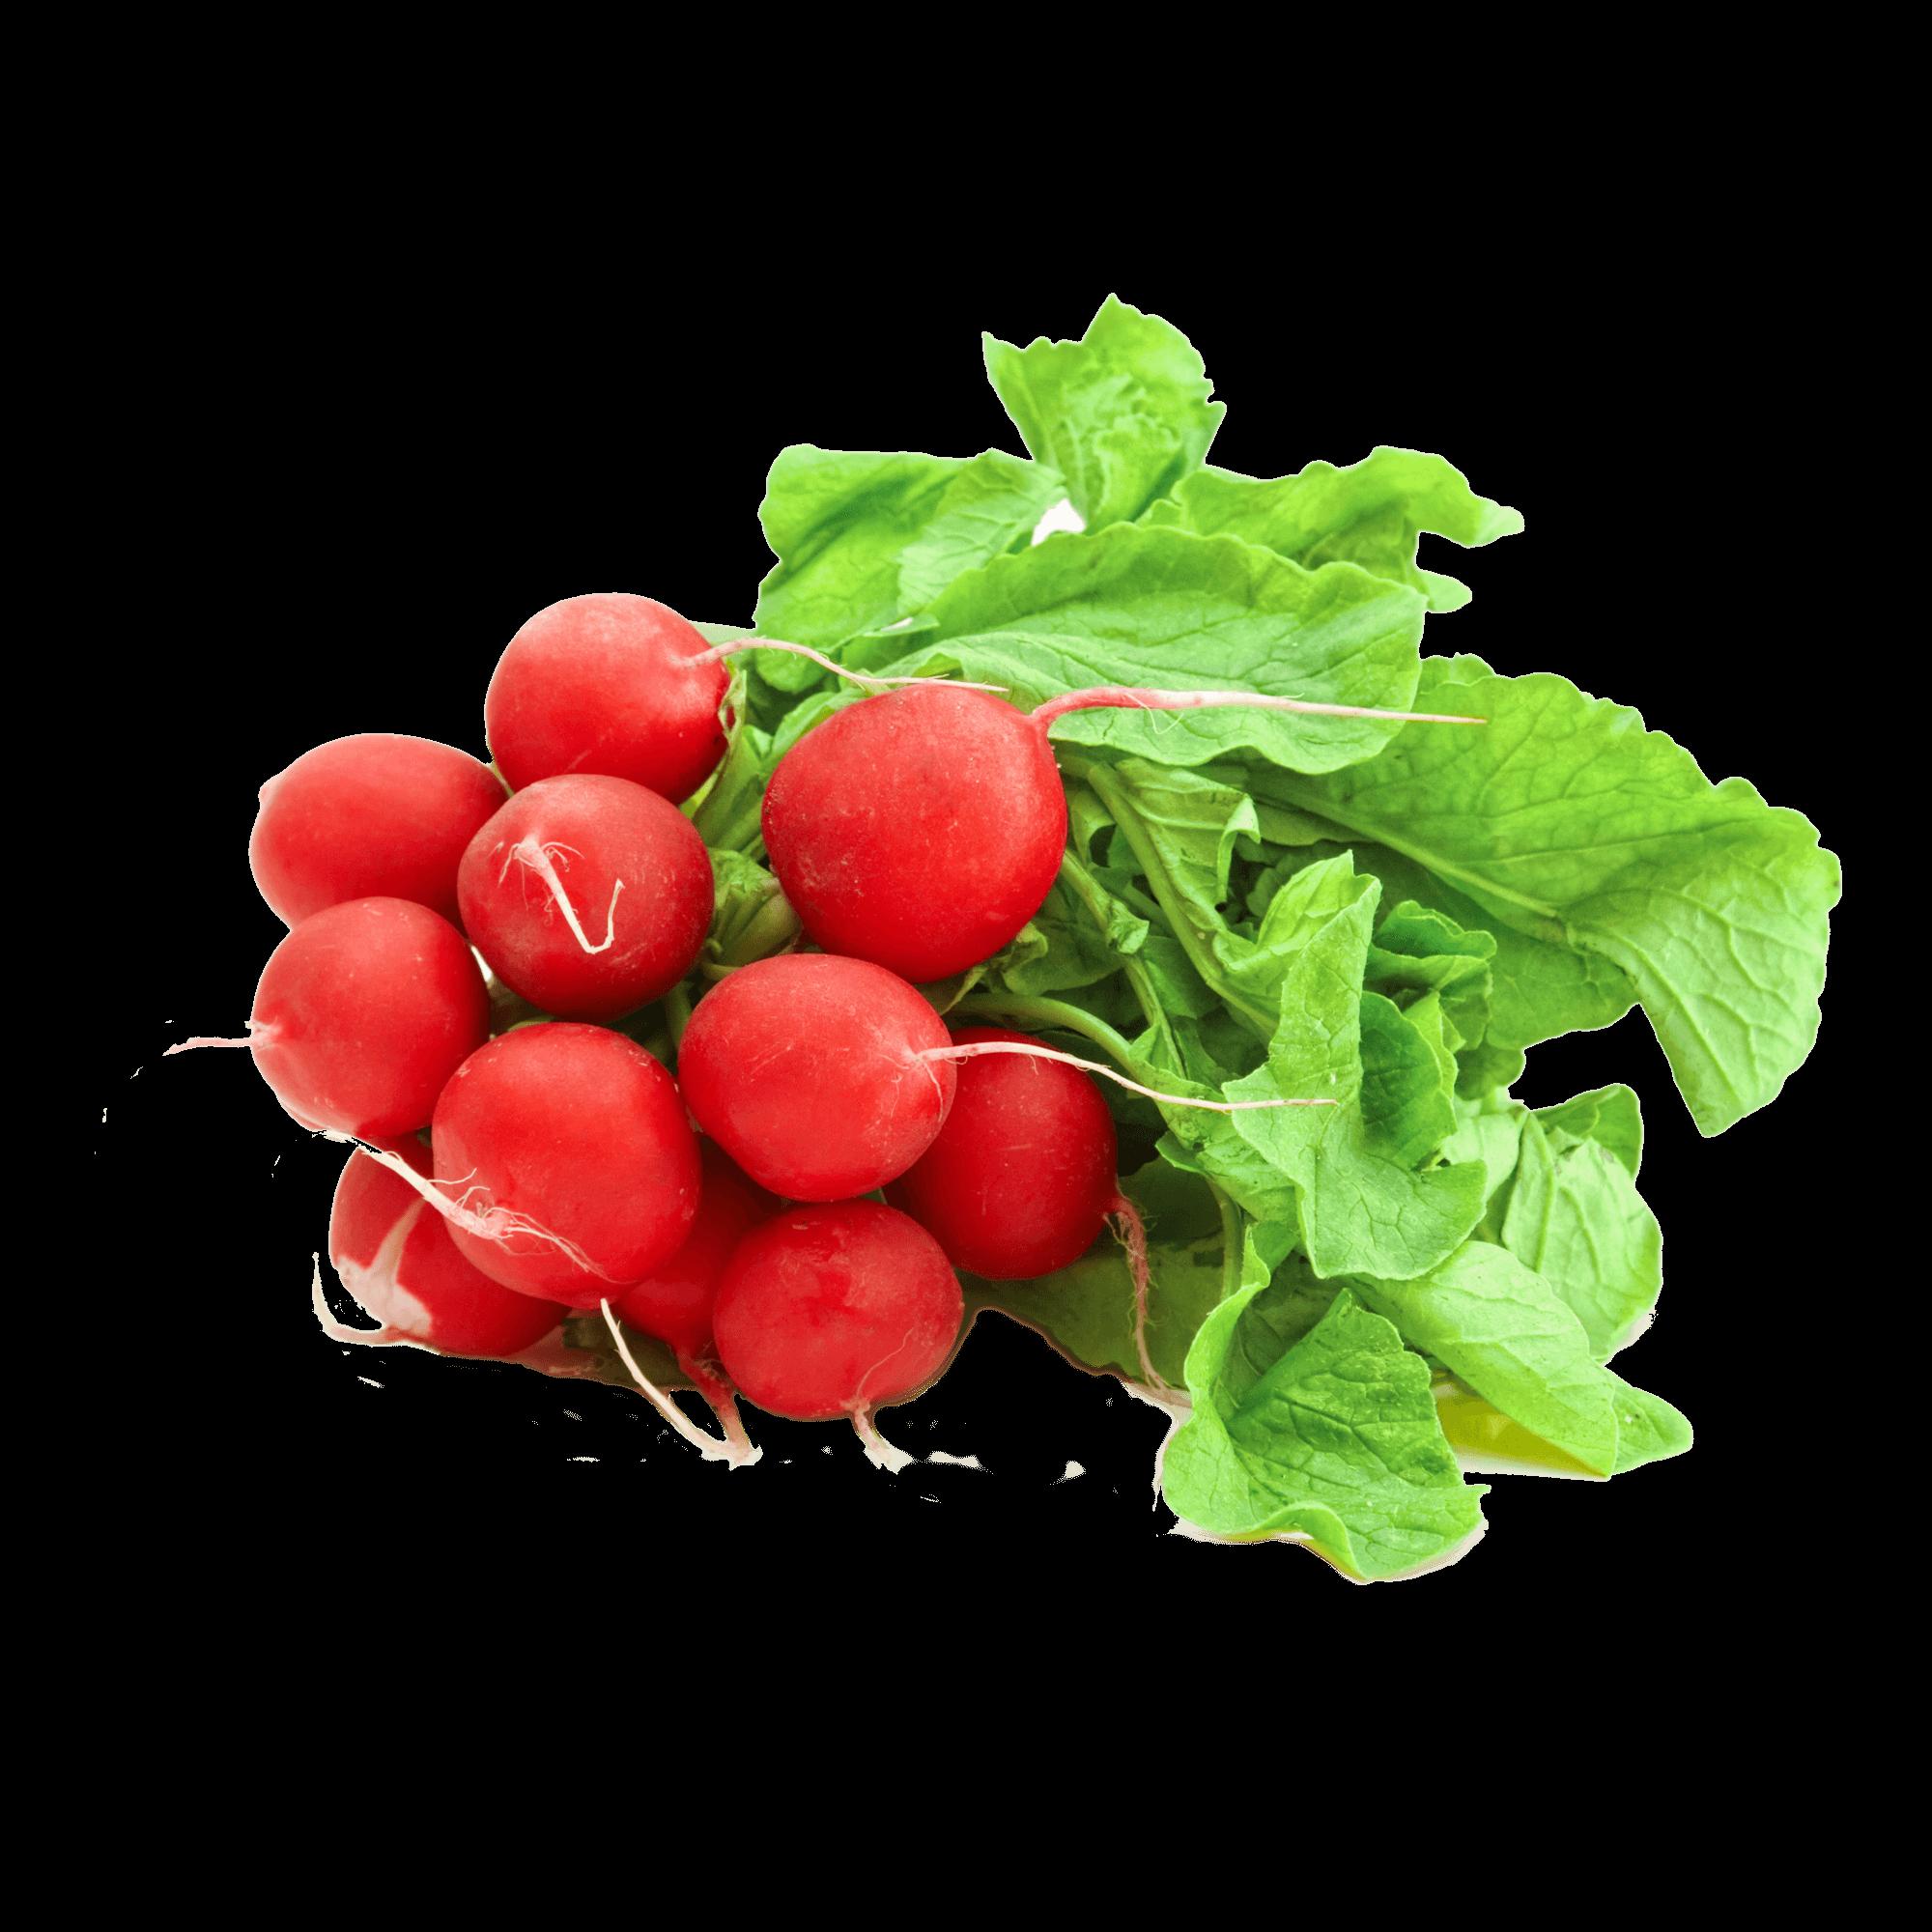 <p>Obst und Gemüse gehören zu den wichtigsten Bestandteilen einer zeitgemässen und gesunden Ernährung am Arbeitsplatz</p>